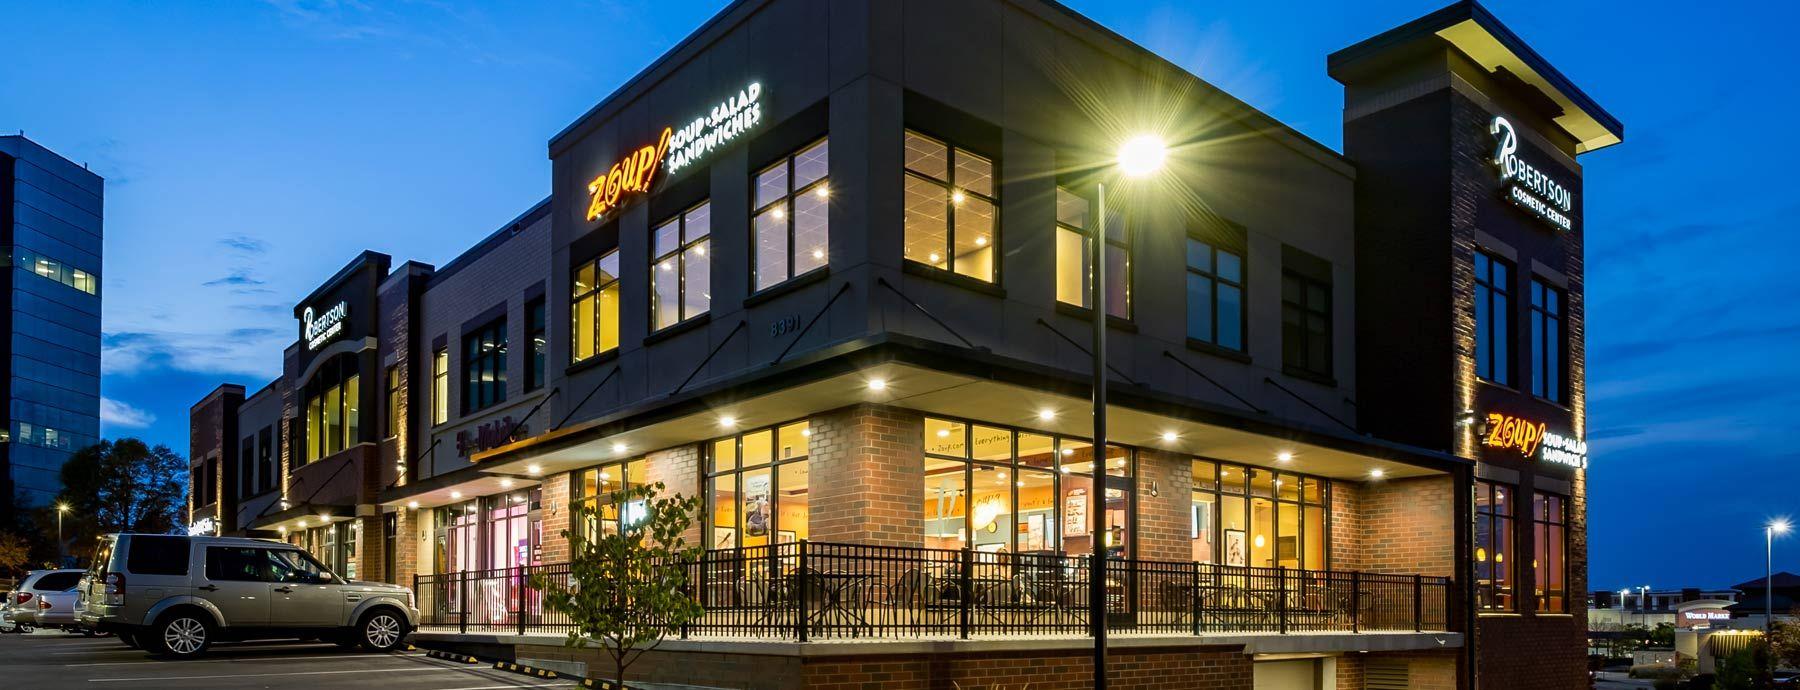 Greenway Blvd development - Middleton Wisconsin